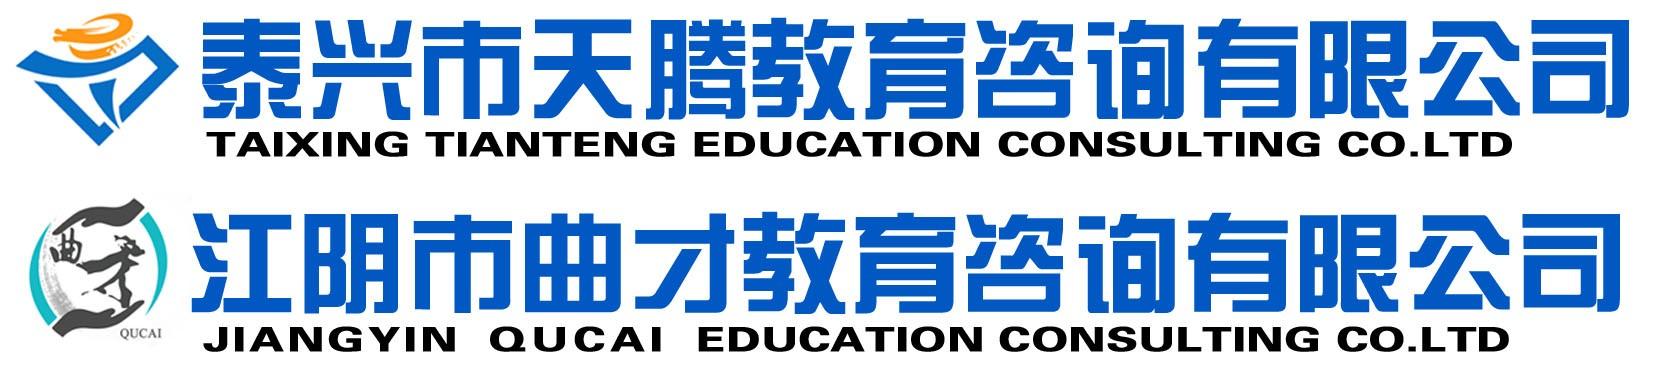 泰兴市天腾教育咨询有限公司